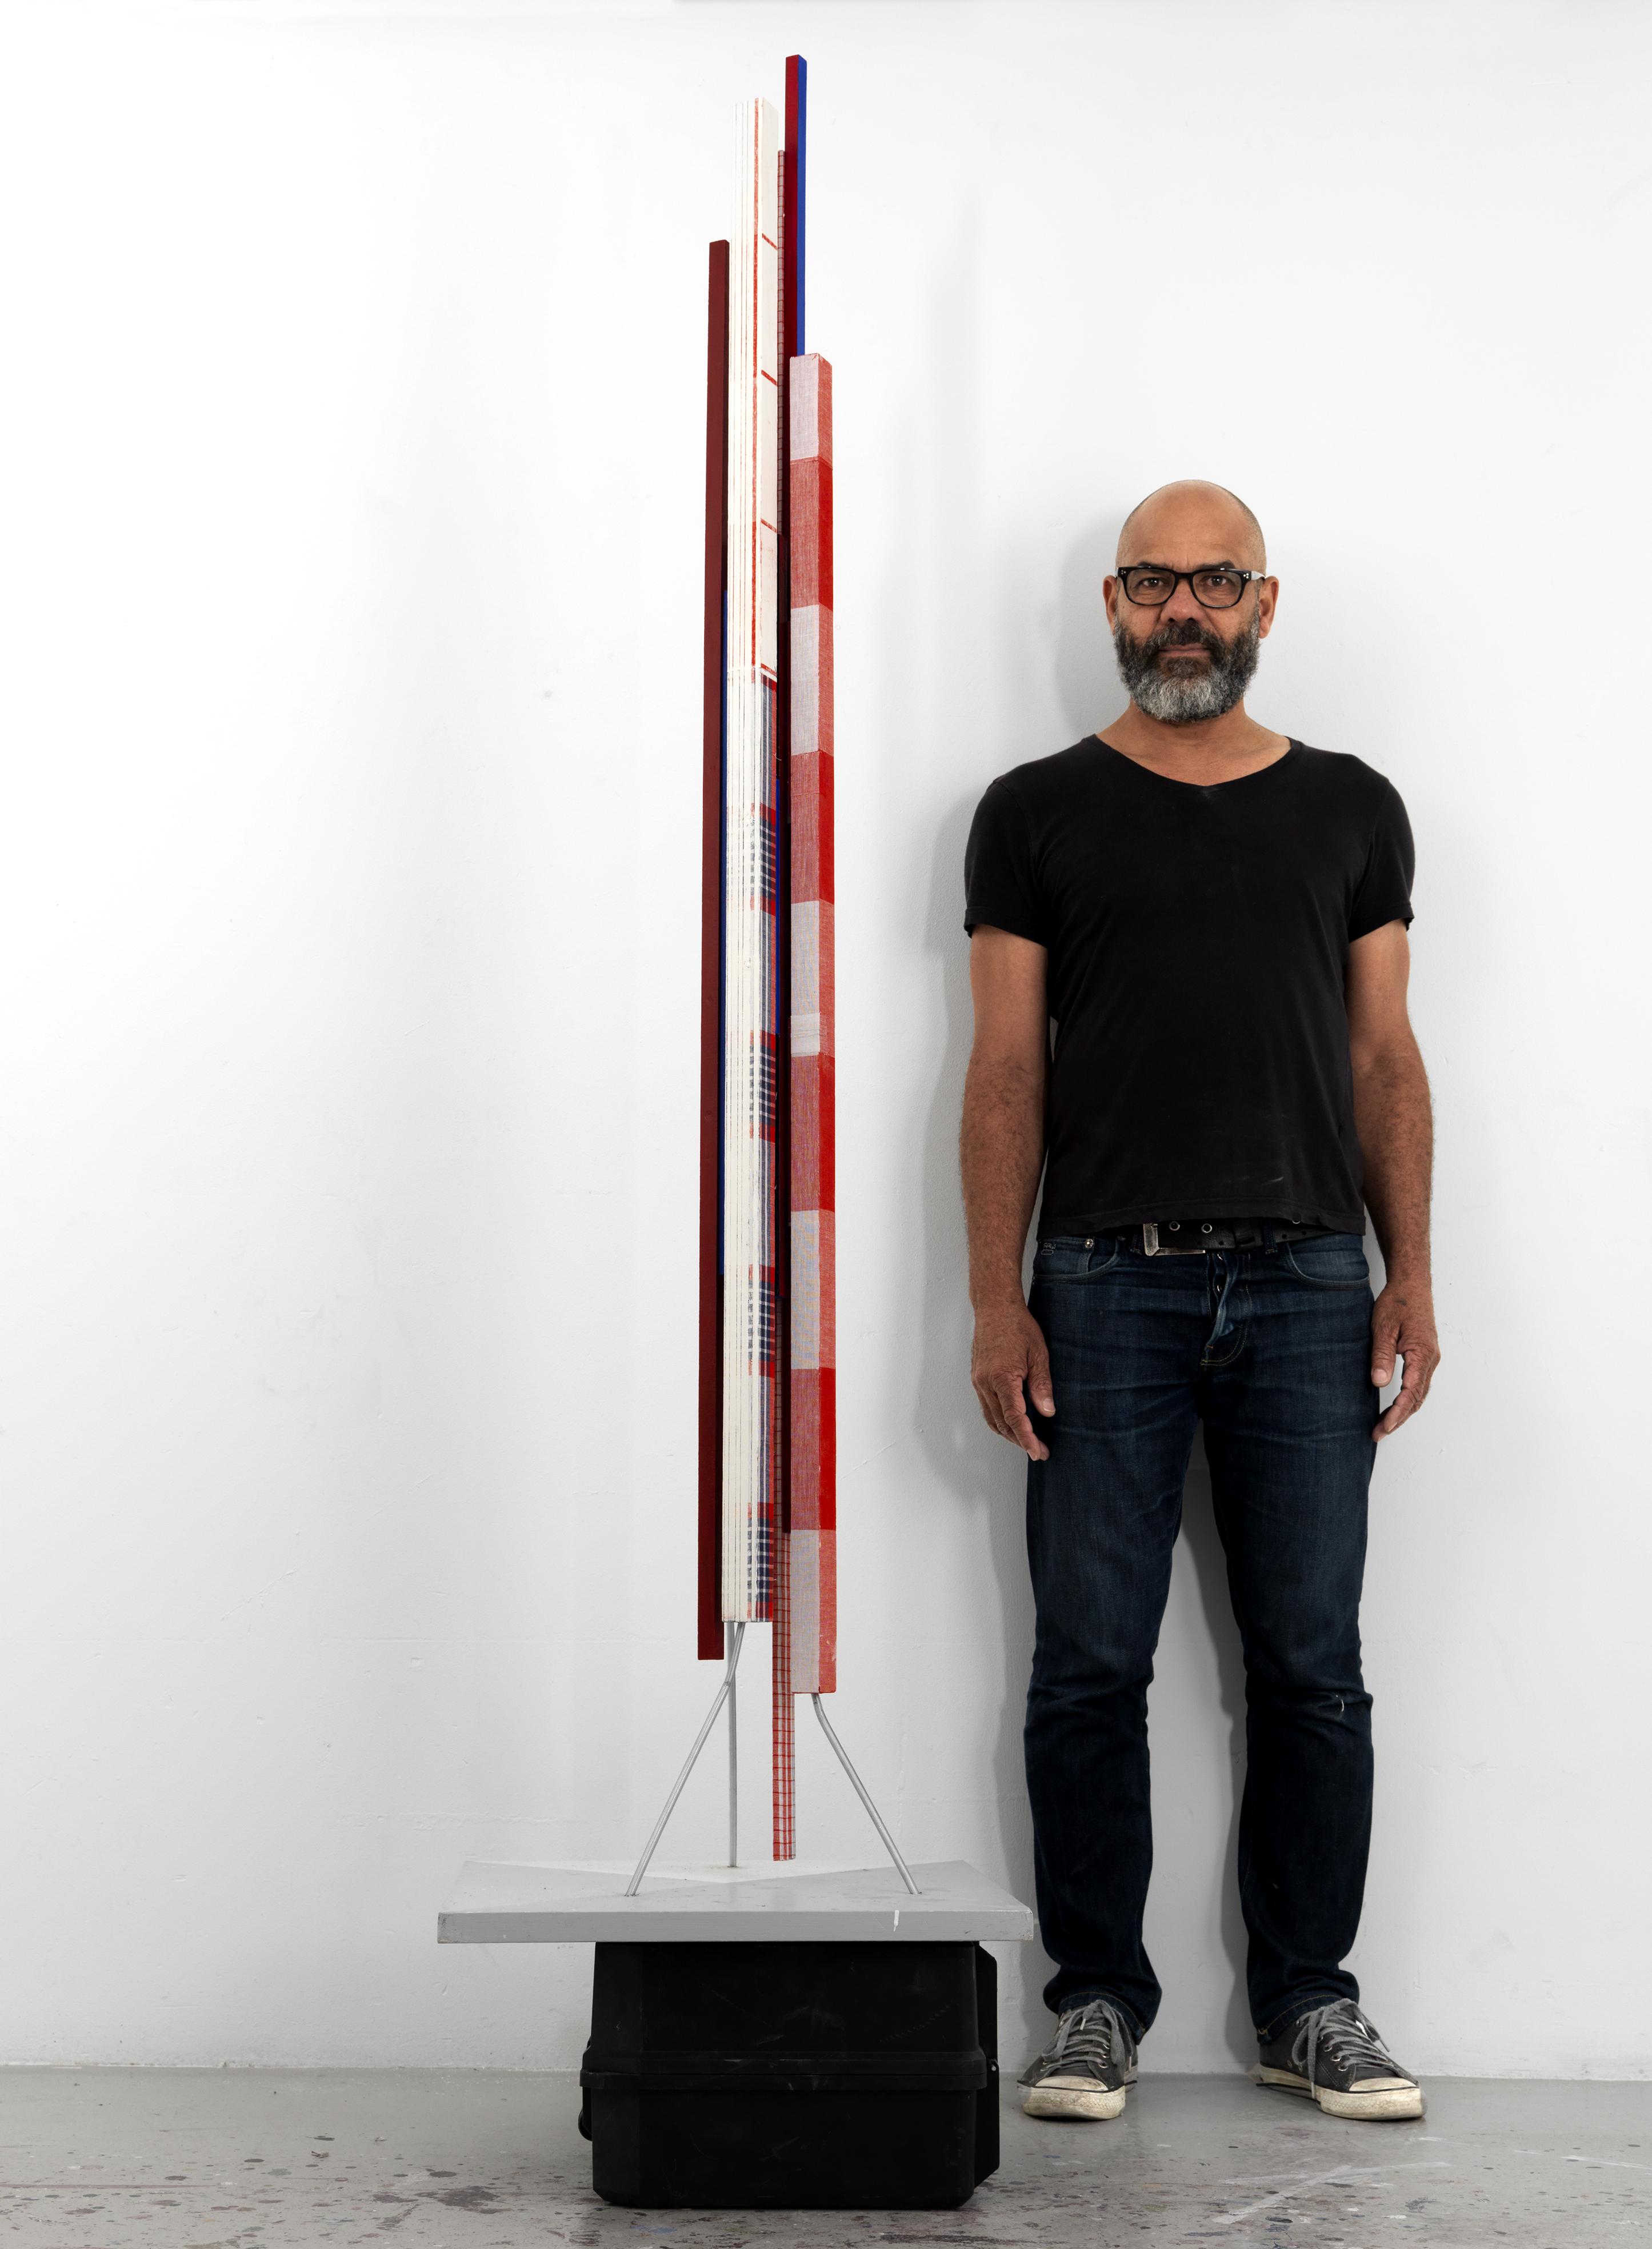 Remy Jungerman, photo by Aatjan Renders